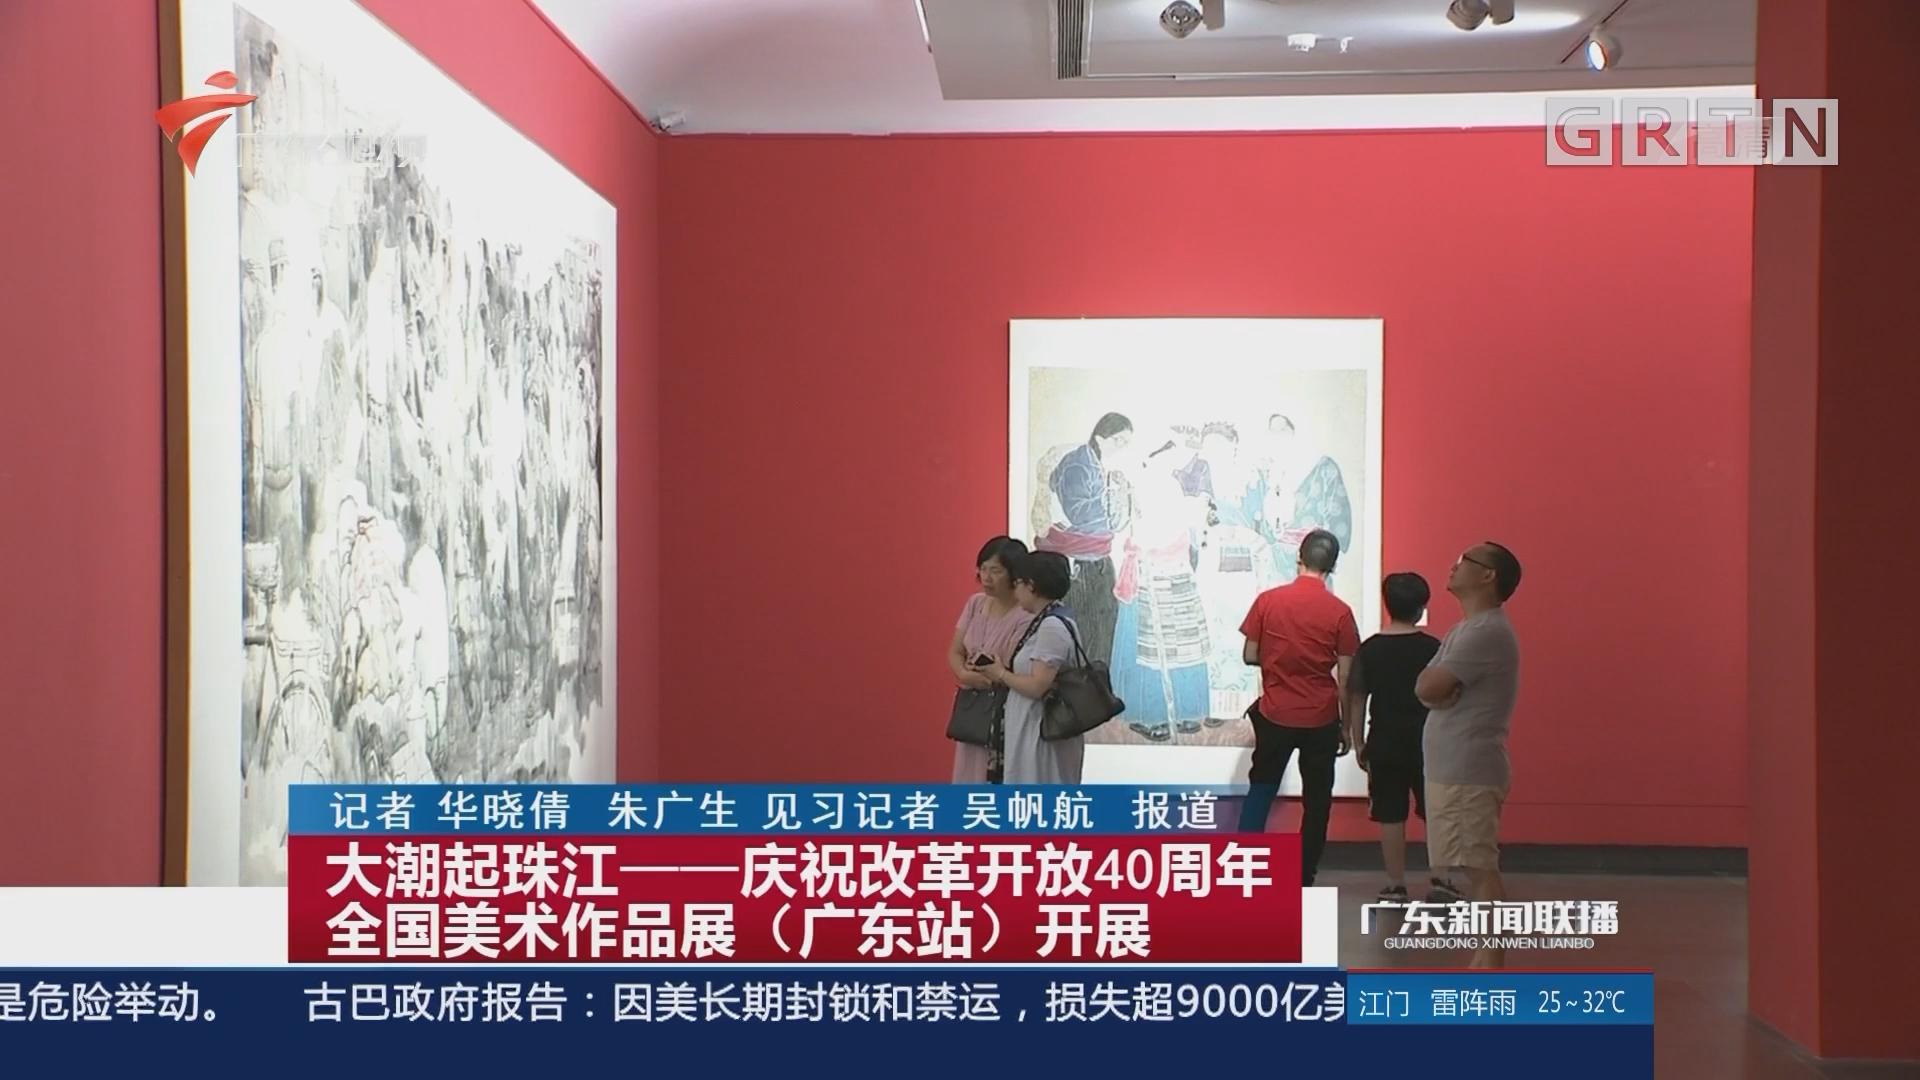 大潮起珠江——慶祝改革開放40周年全國美術作品展(廣東站)開展